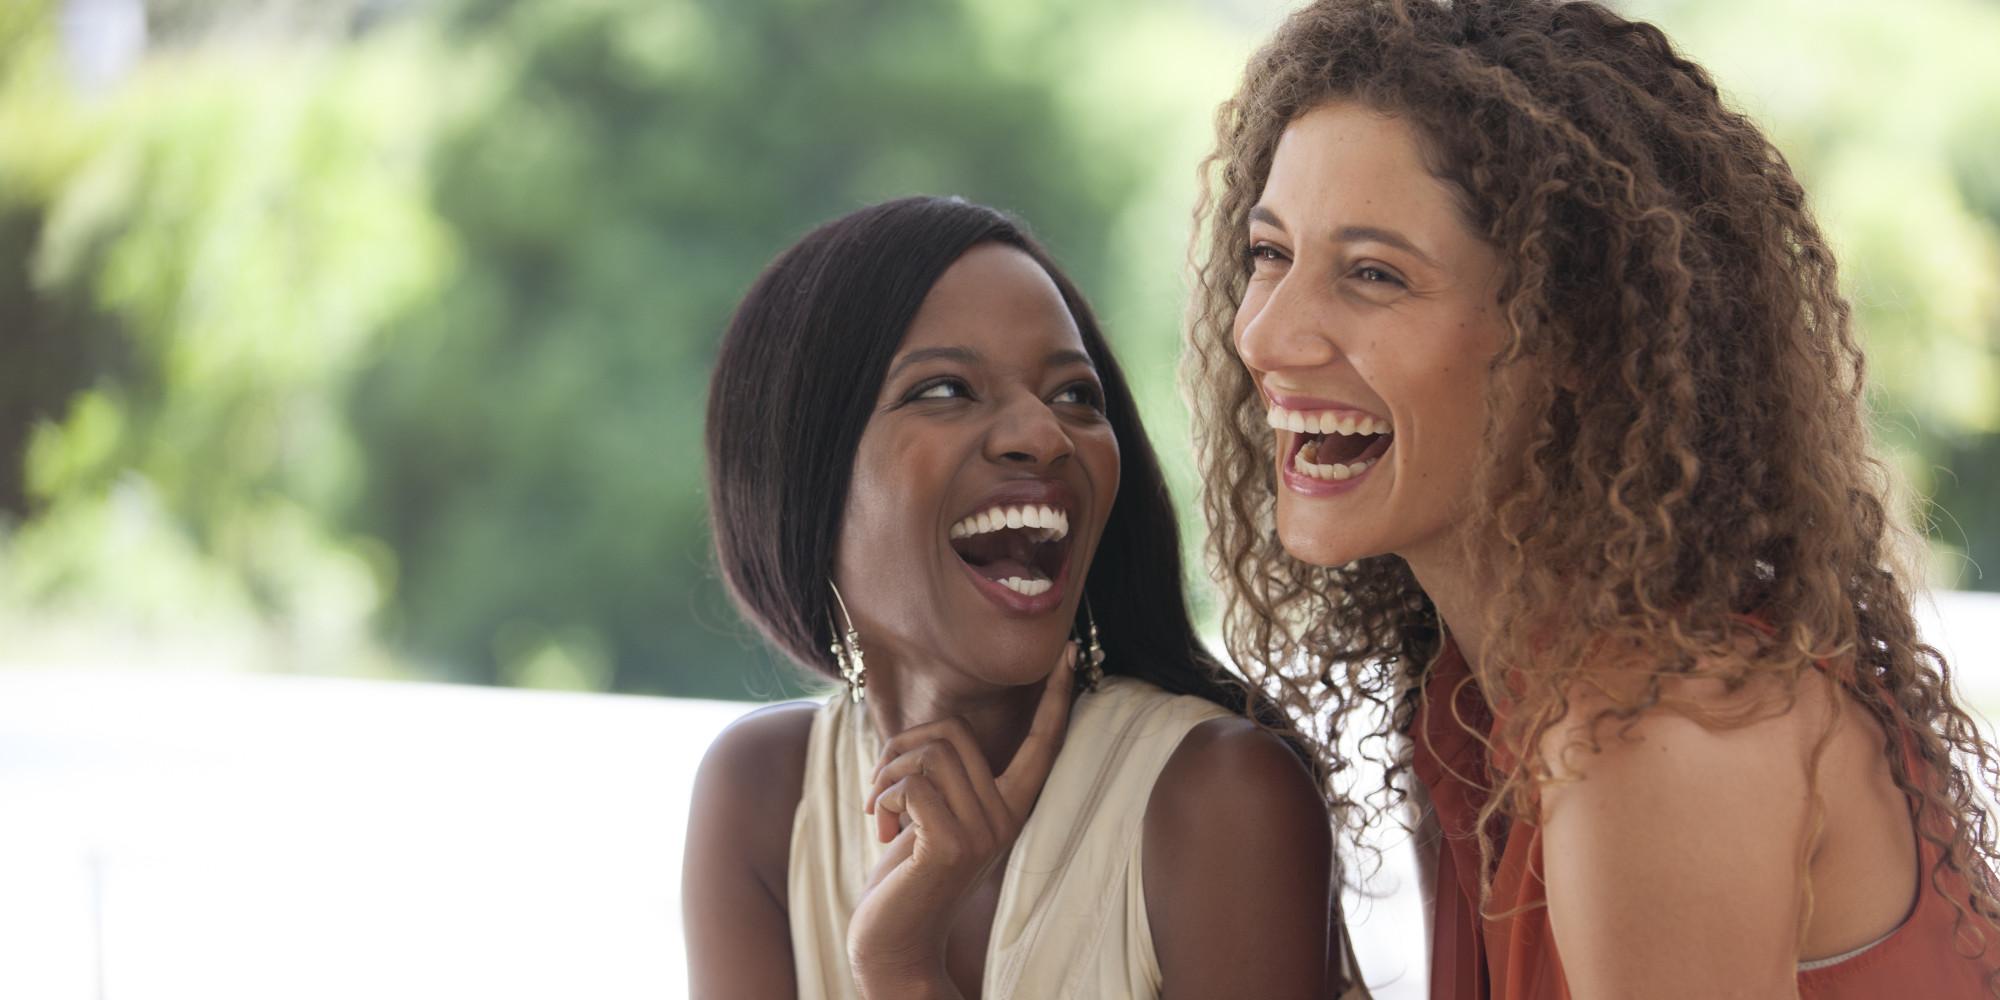 two girls laughing.jpg